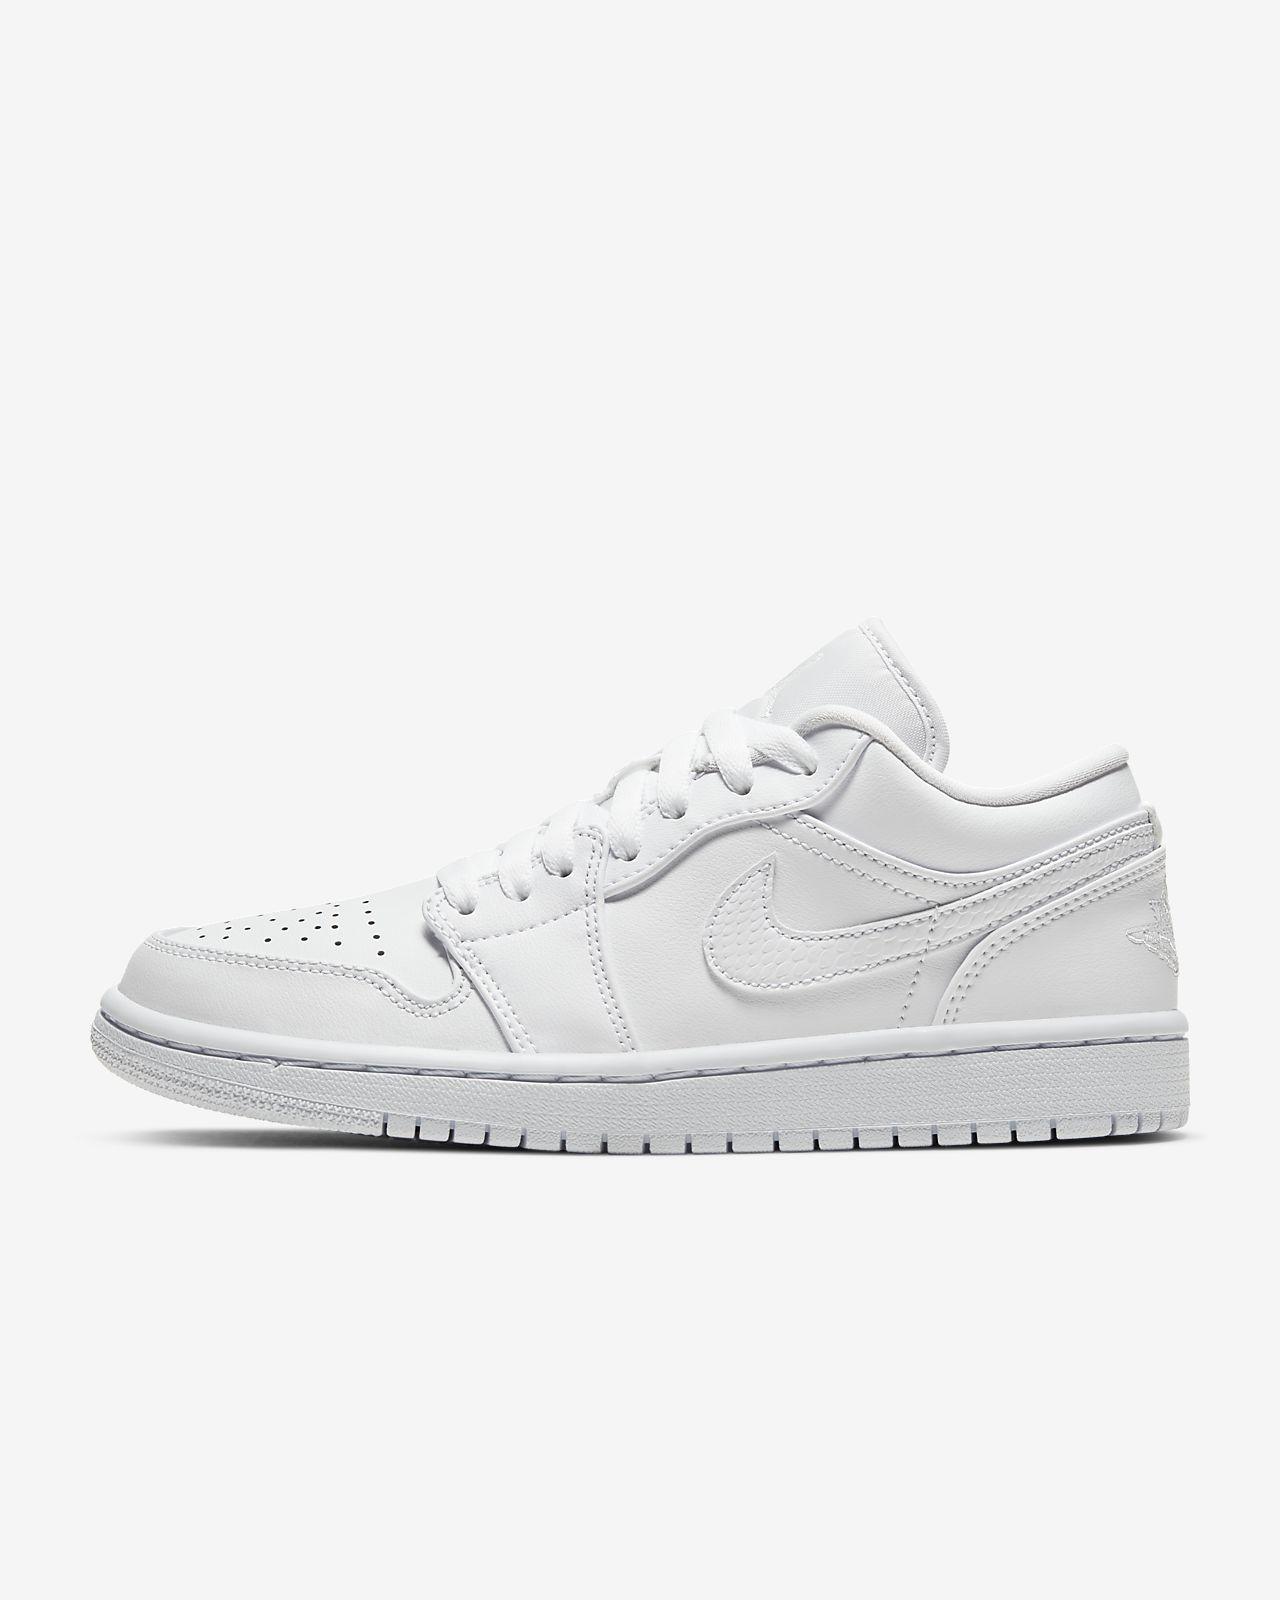 Air Jordan 1 低筒女鞋